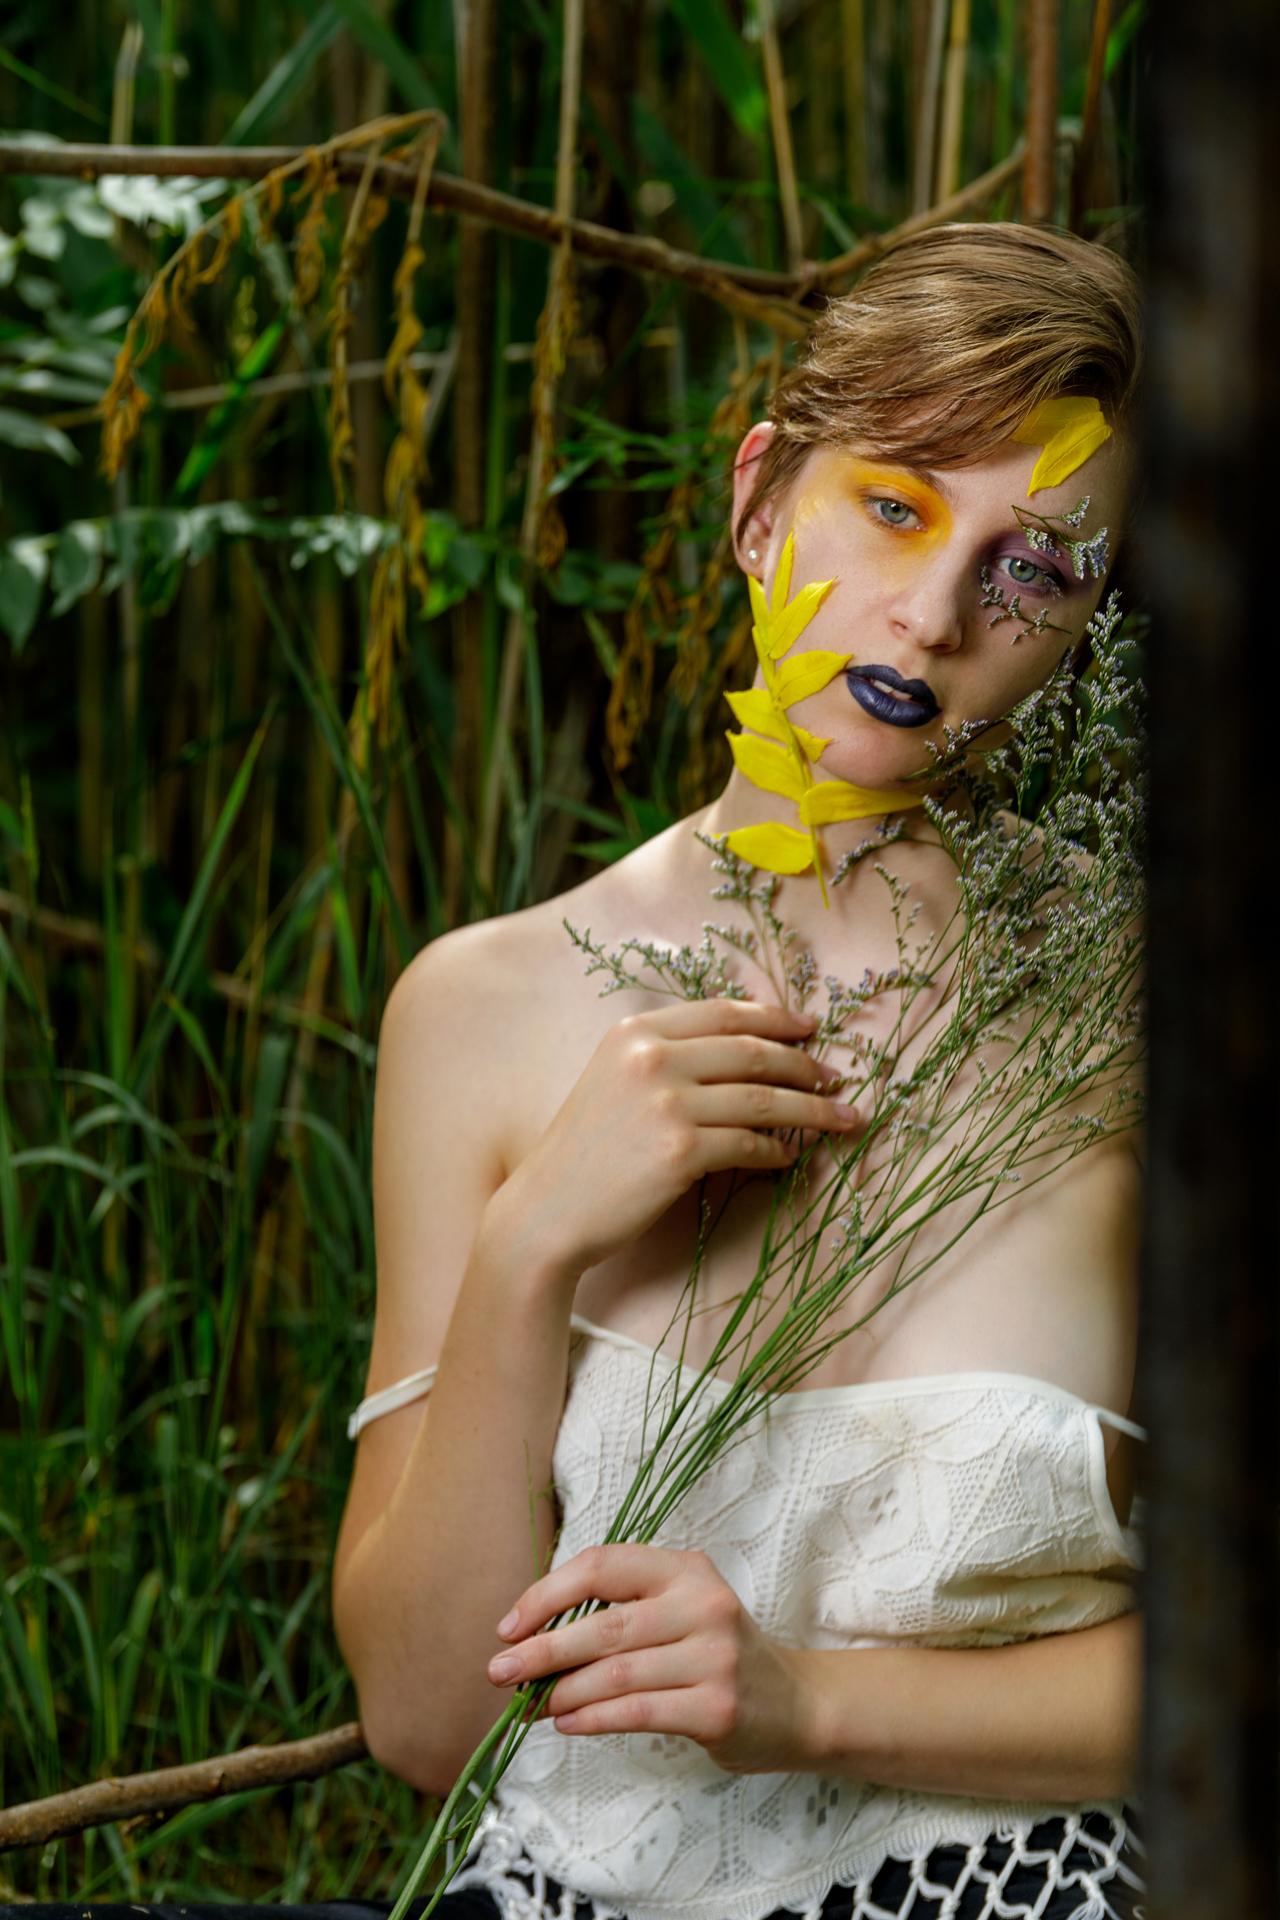 CFrenette-Gabrielle et les fleurs-7